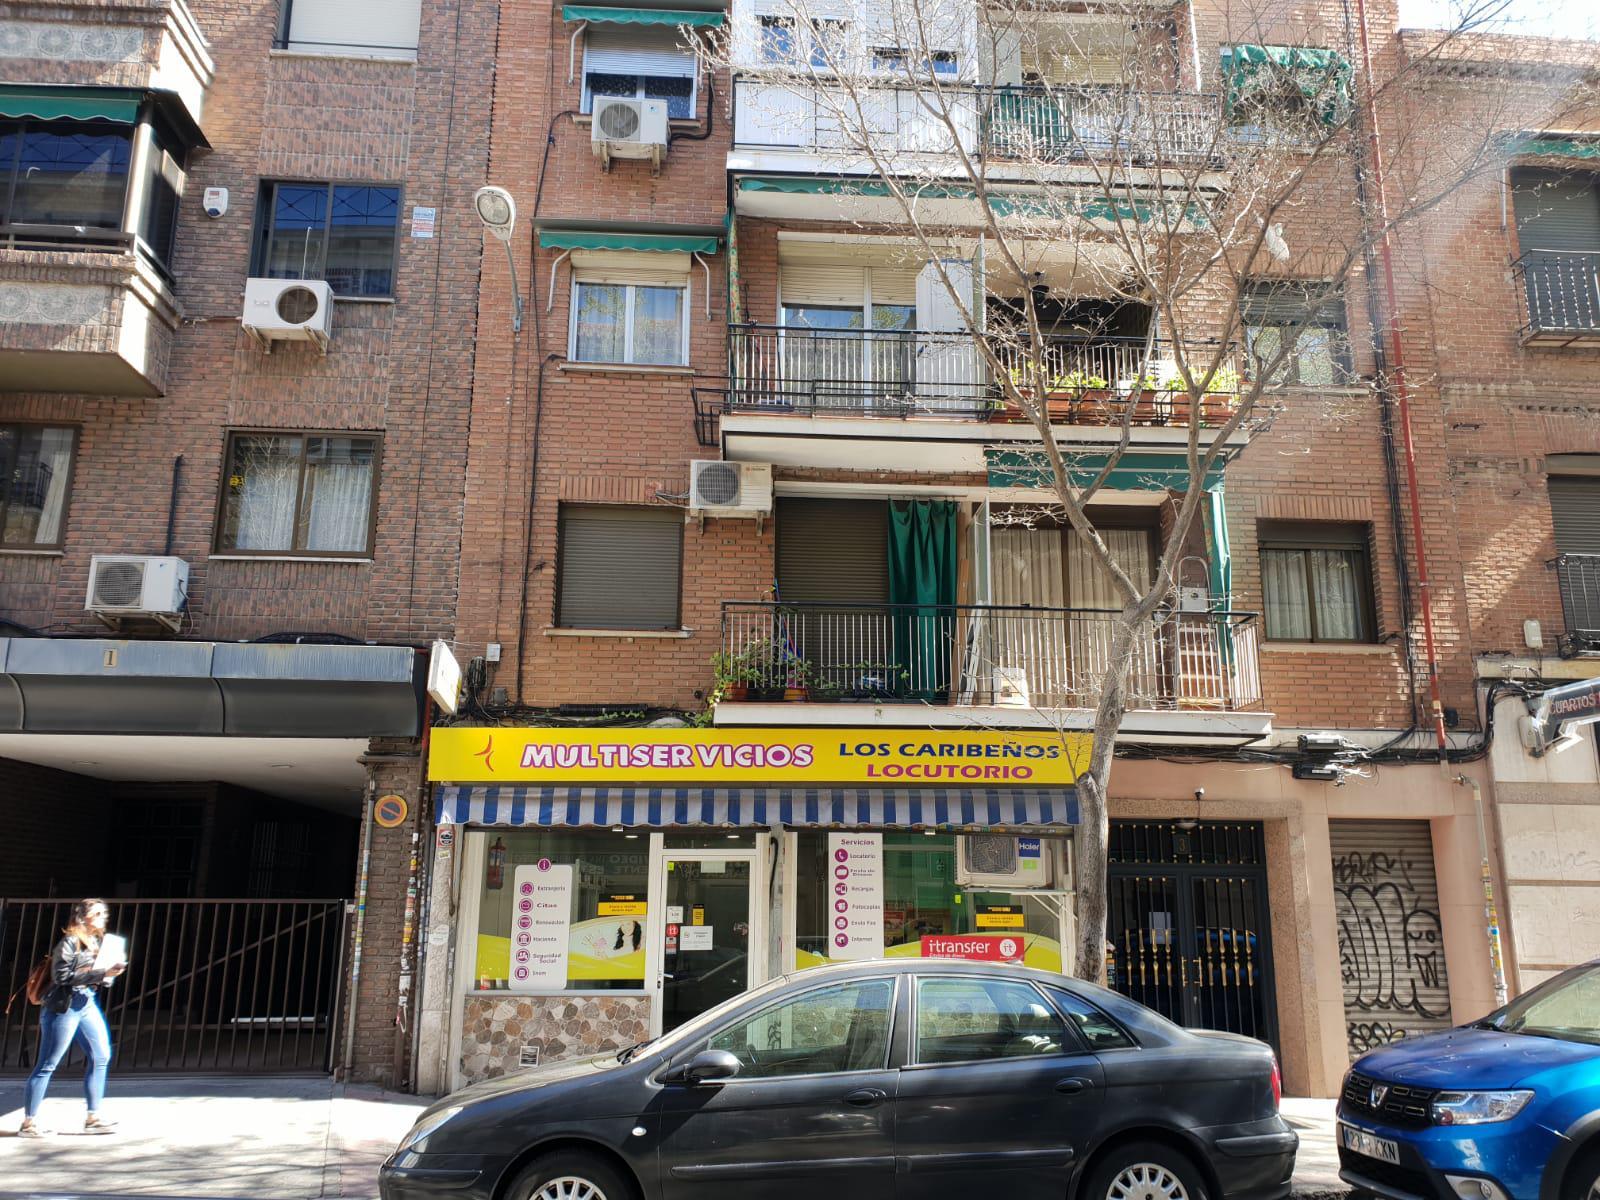 Imagen 1 Local Comercial en venta en Madrid / Muy cerca de la Calle Alcalá, barrio bien consolidado.